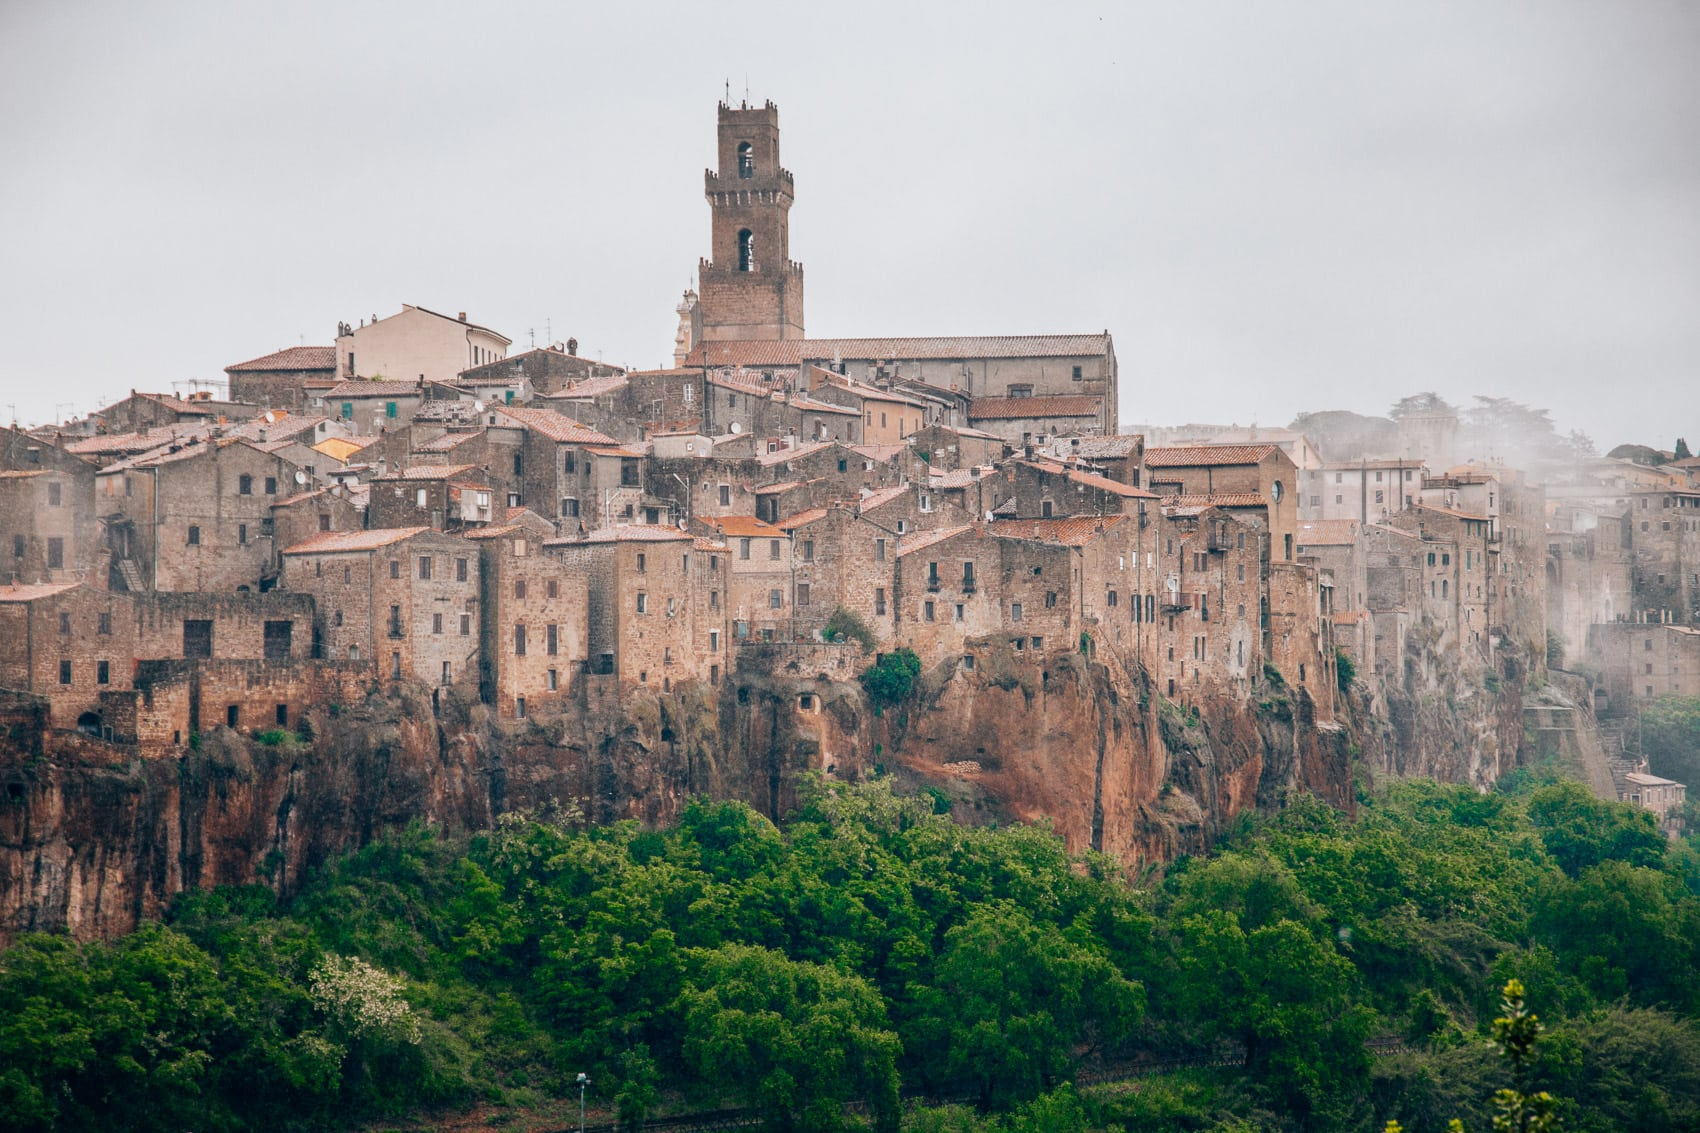 Entdecke die südliche Toskana - Italien Reisetipps Maremma, Saturnia und Pitigliano